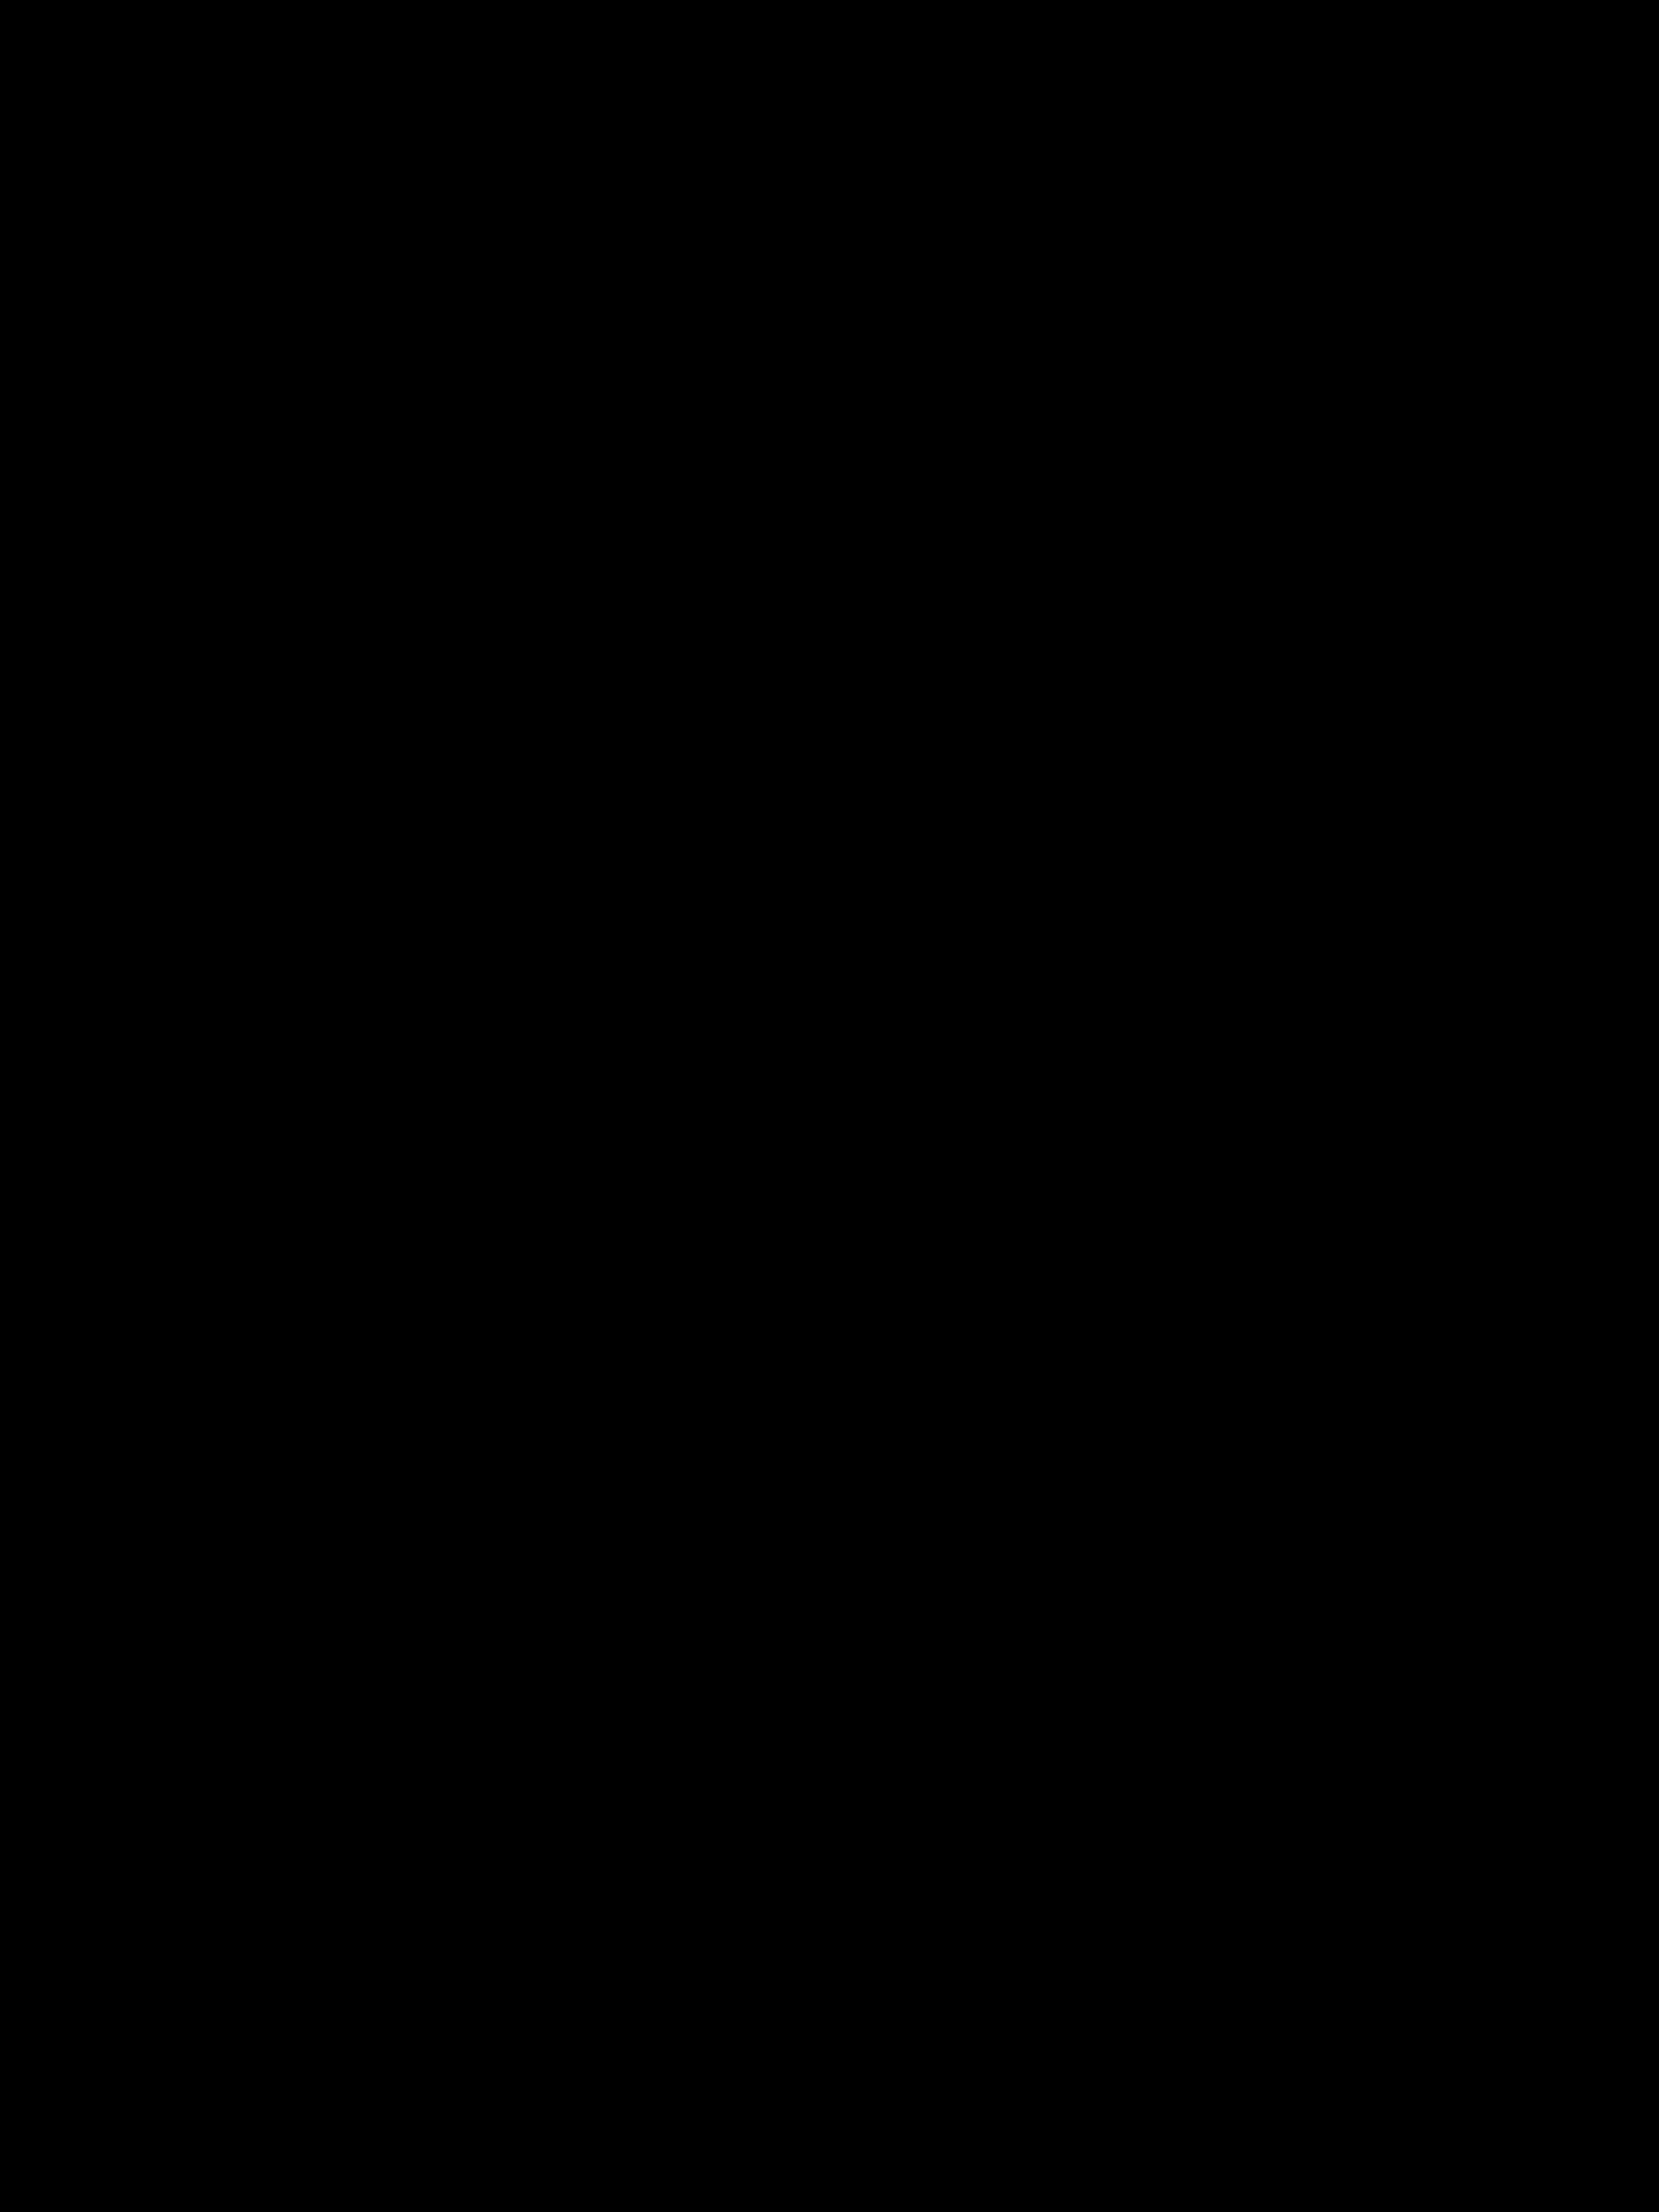 Cómo limpiar cada tipo de suelo con remedios caseros - Trucos de hogar caseros